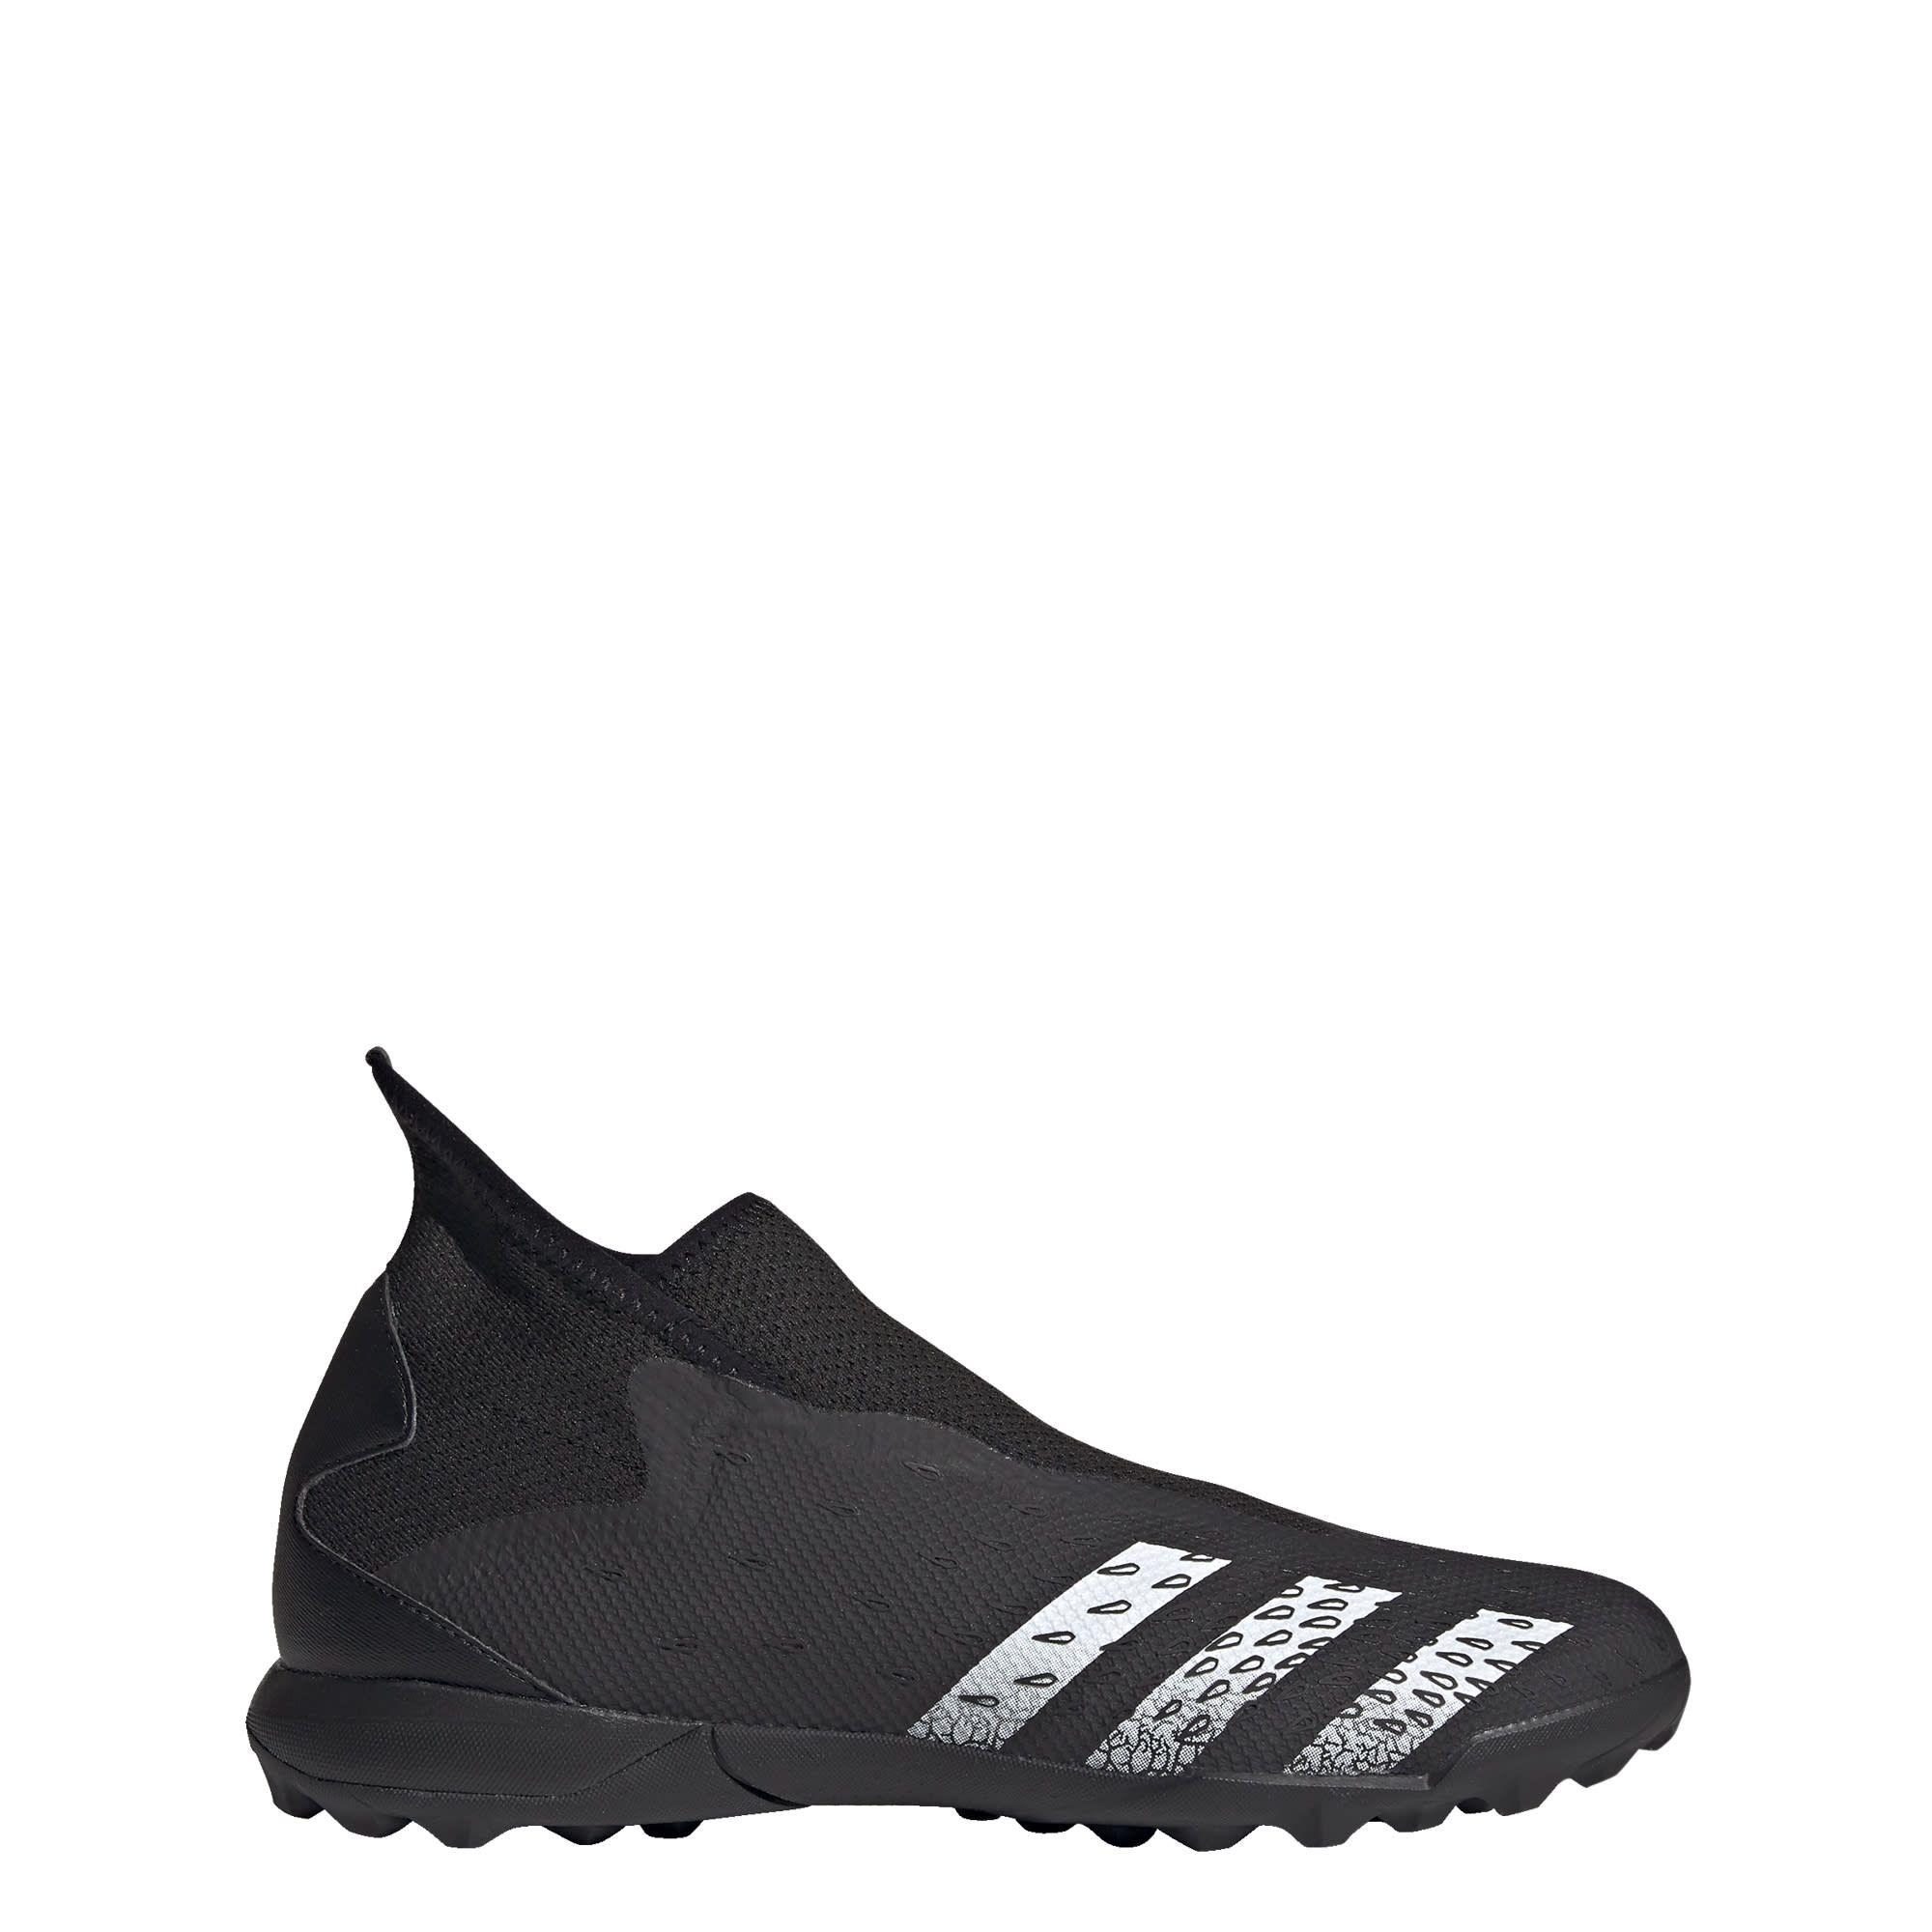 adidas Predator Freak.3 LL Turf Voetbalschoenen (TF) Zwart Blauw Geel